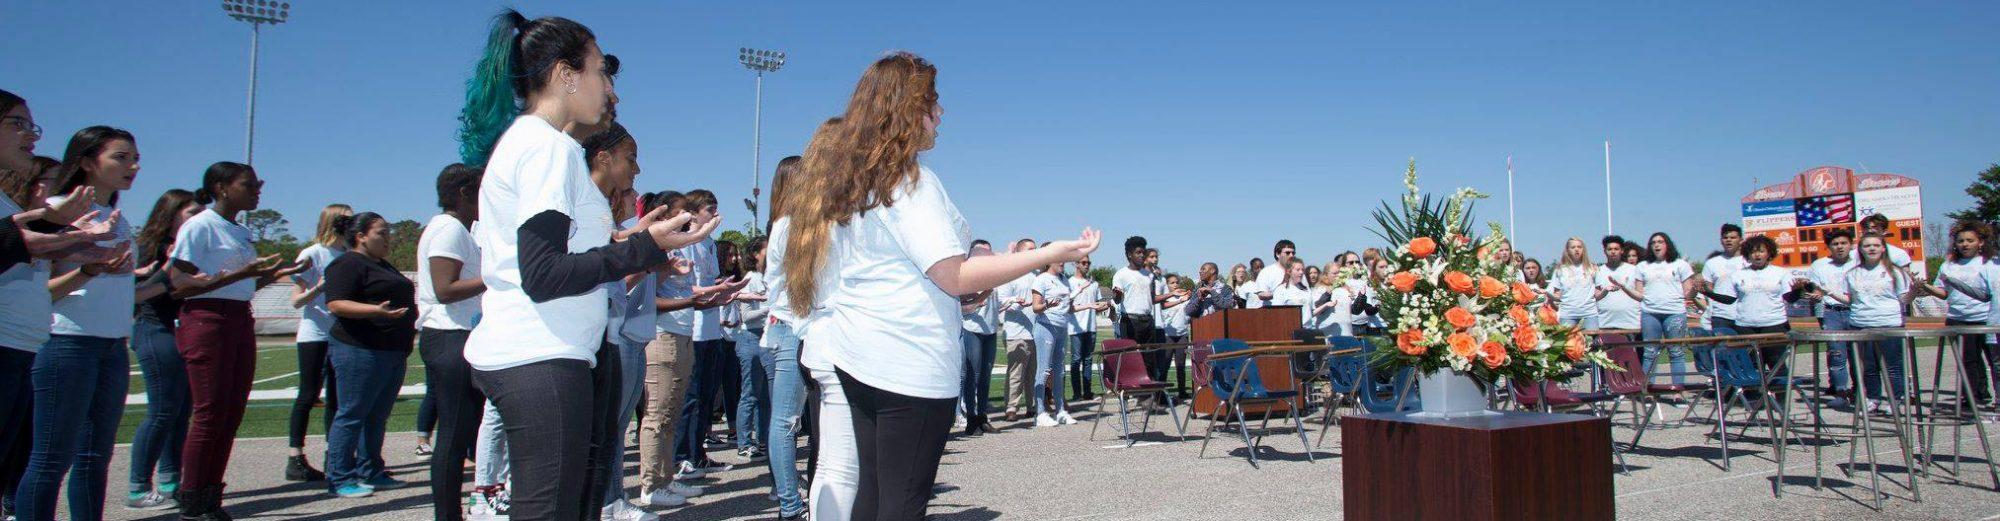 Boone Chorus